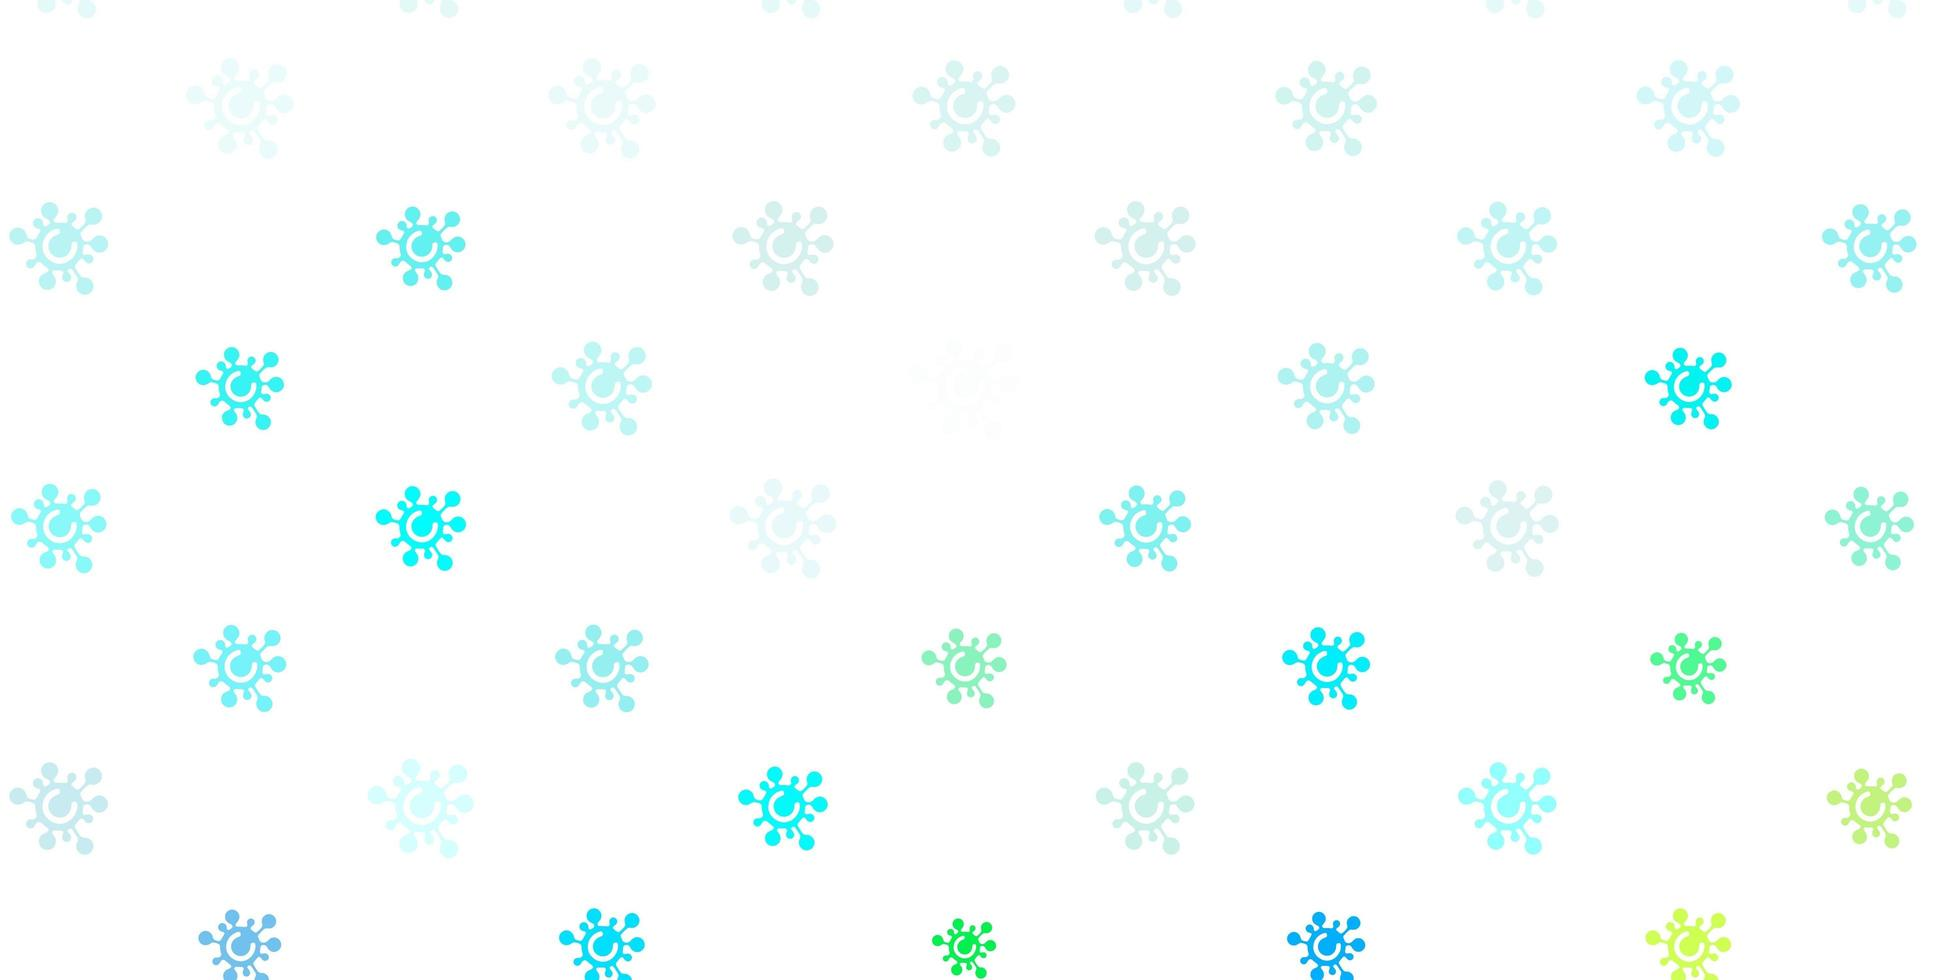 lichtblauwe, groene vectorachtergrond met covid-19 symbolen vector